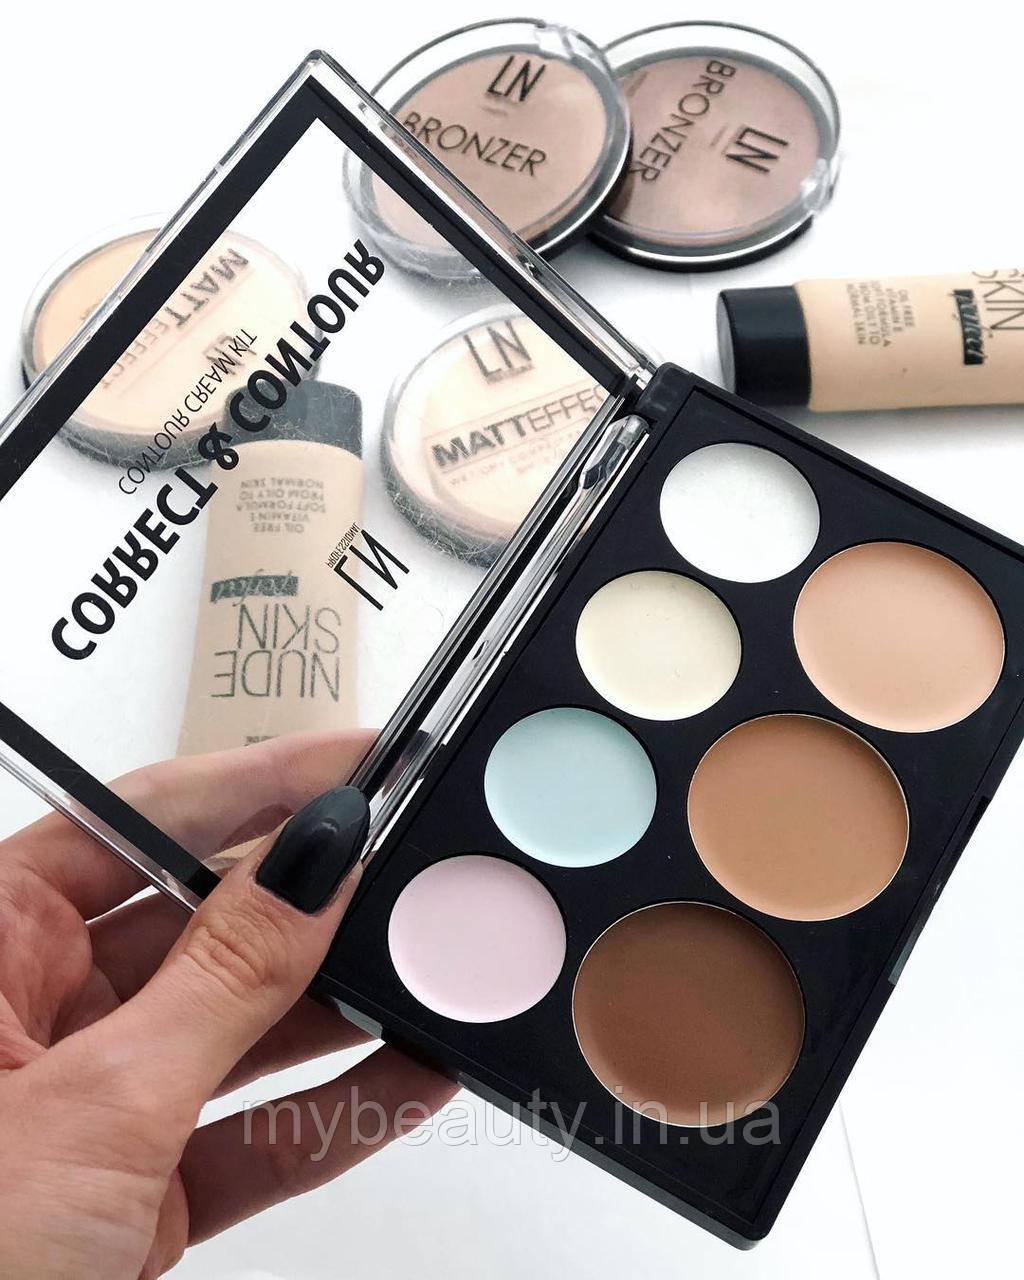 Набор для макияжа Корректоры контуринг для лица LN Professional Correct & Contour Cream Kit